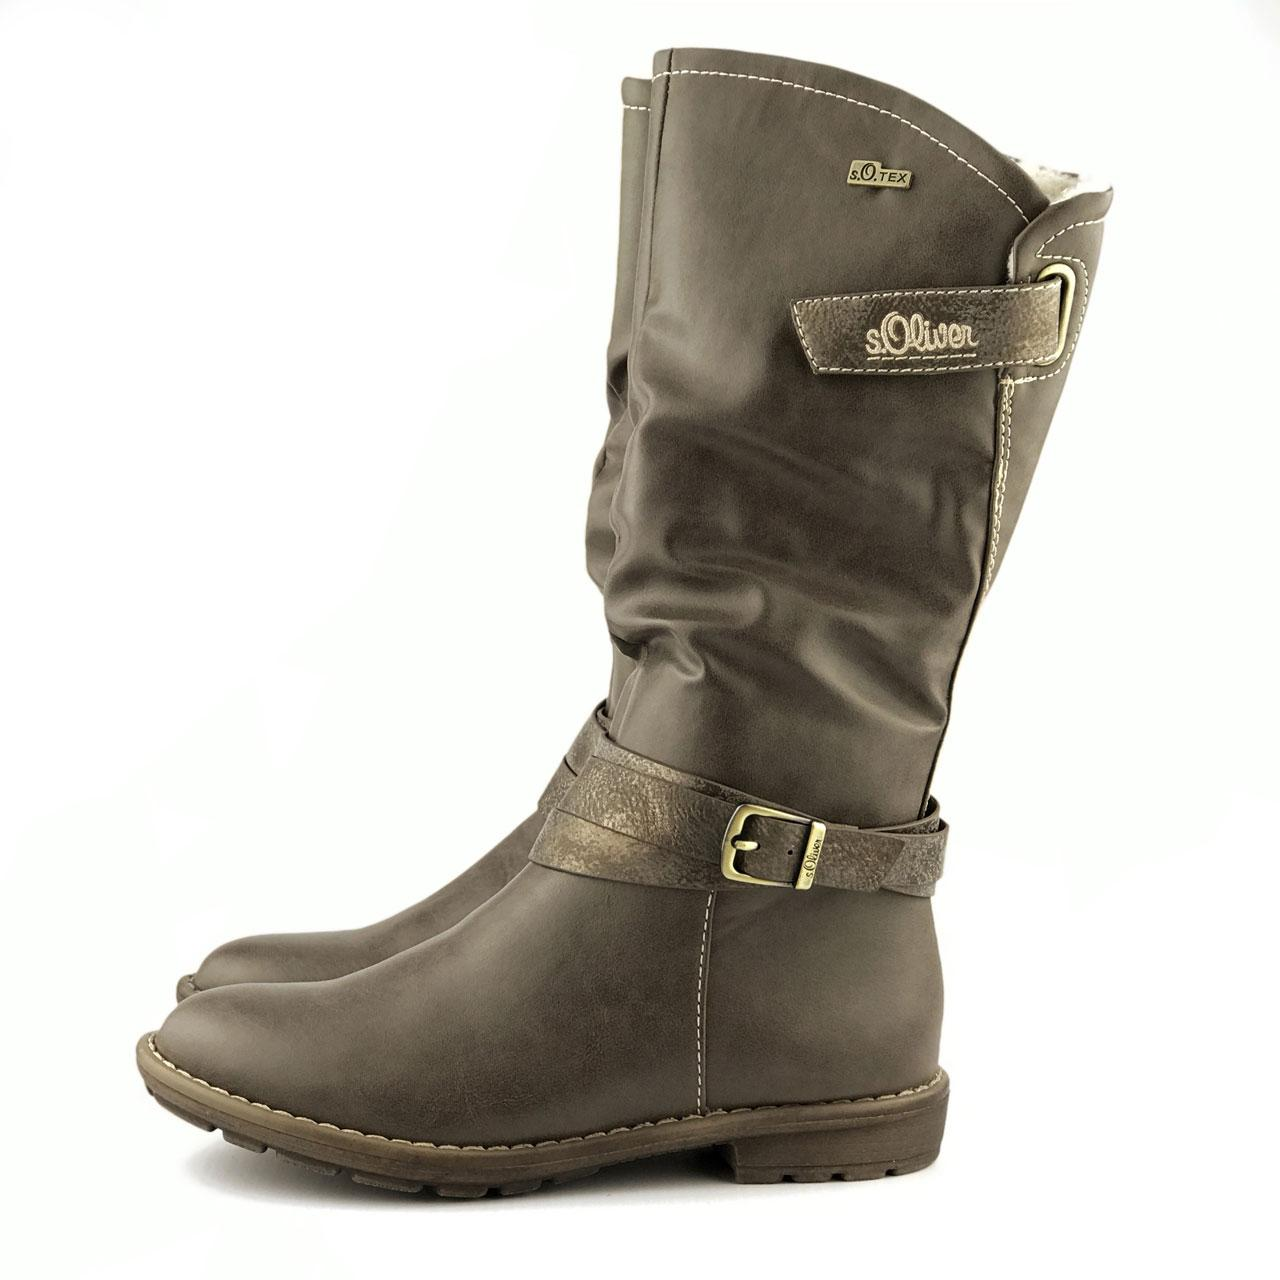 0e0f6f956b91 Утепленные сапожки S.Oliver (Германия) р 33. Интернет-магазин брендовой  обуви